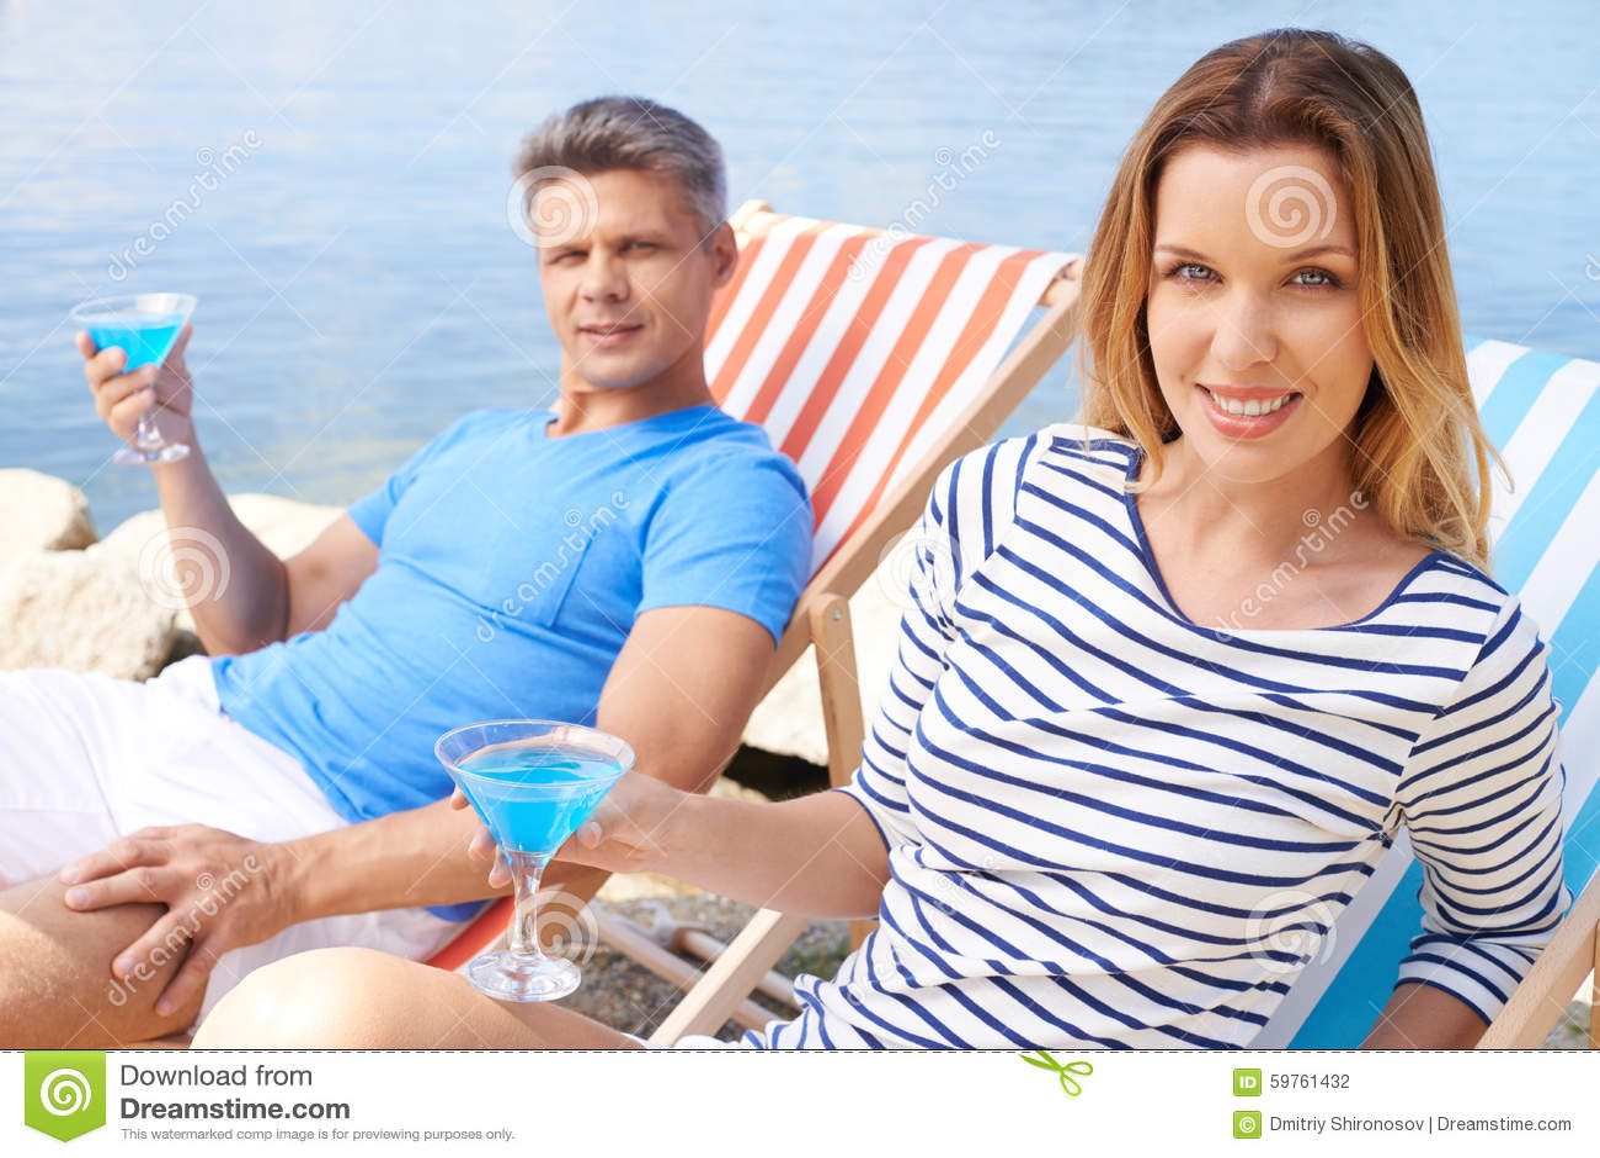 Odpocząć na plaży